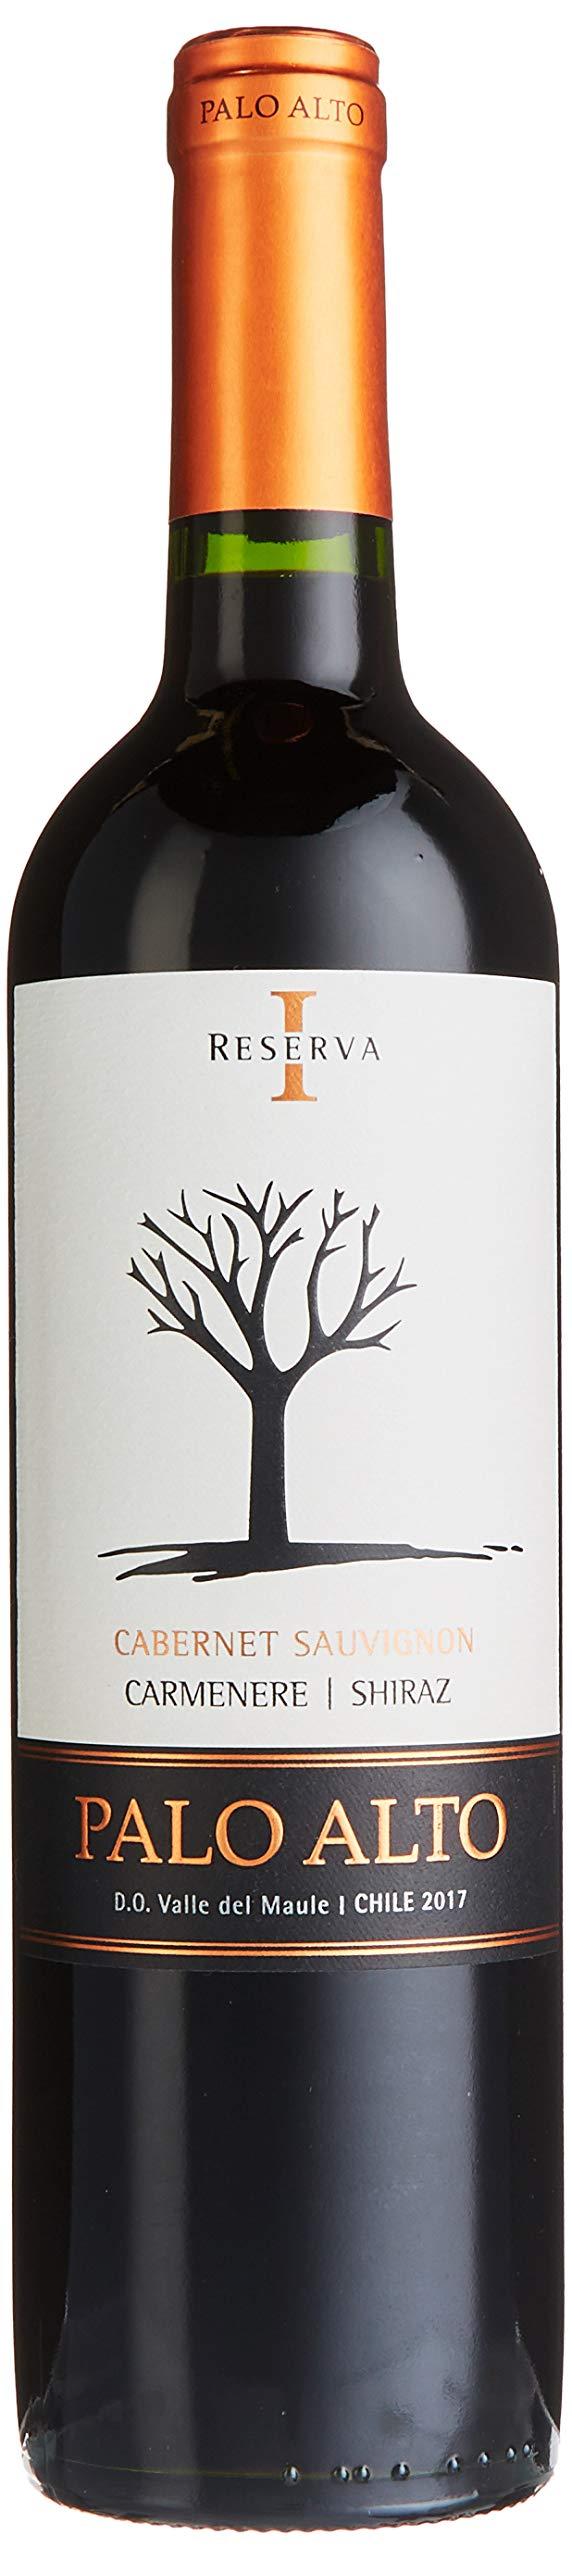 Concha-y-Toro-Palo-Alto-Reserva-Cabernet-Sauvignon-Trocken-3-x-075-l